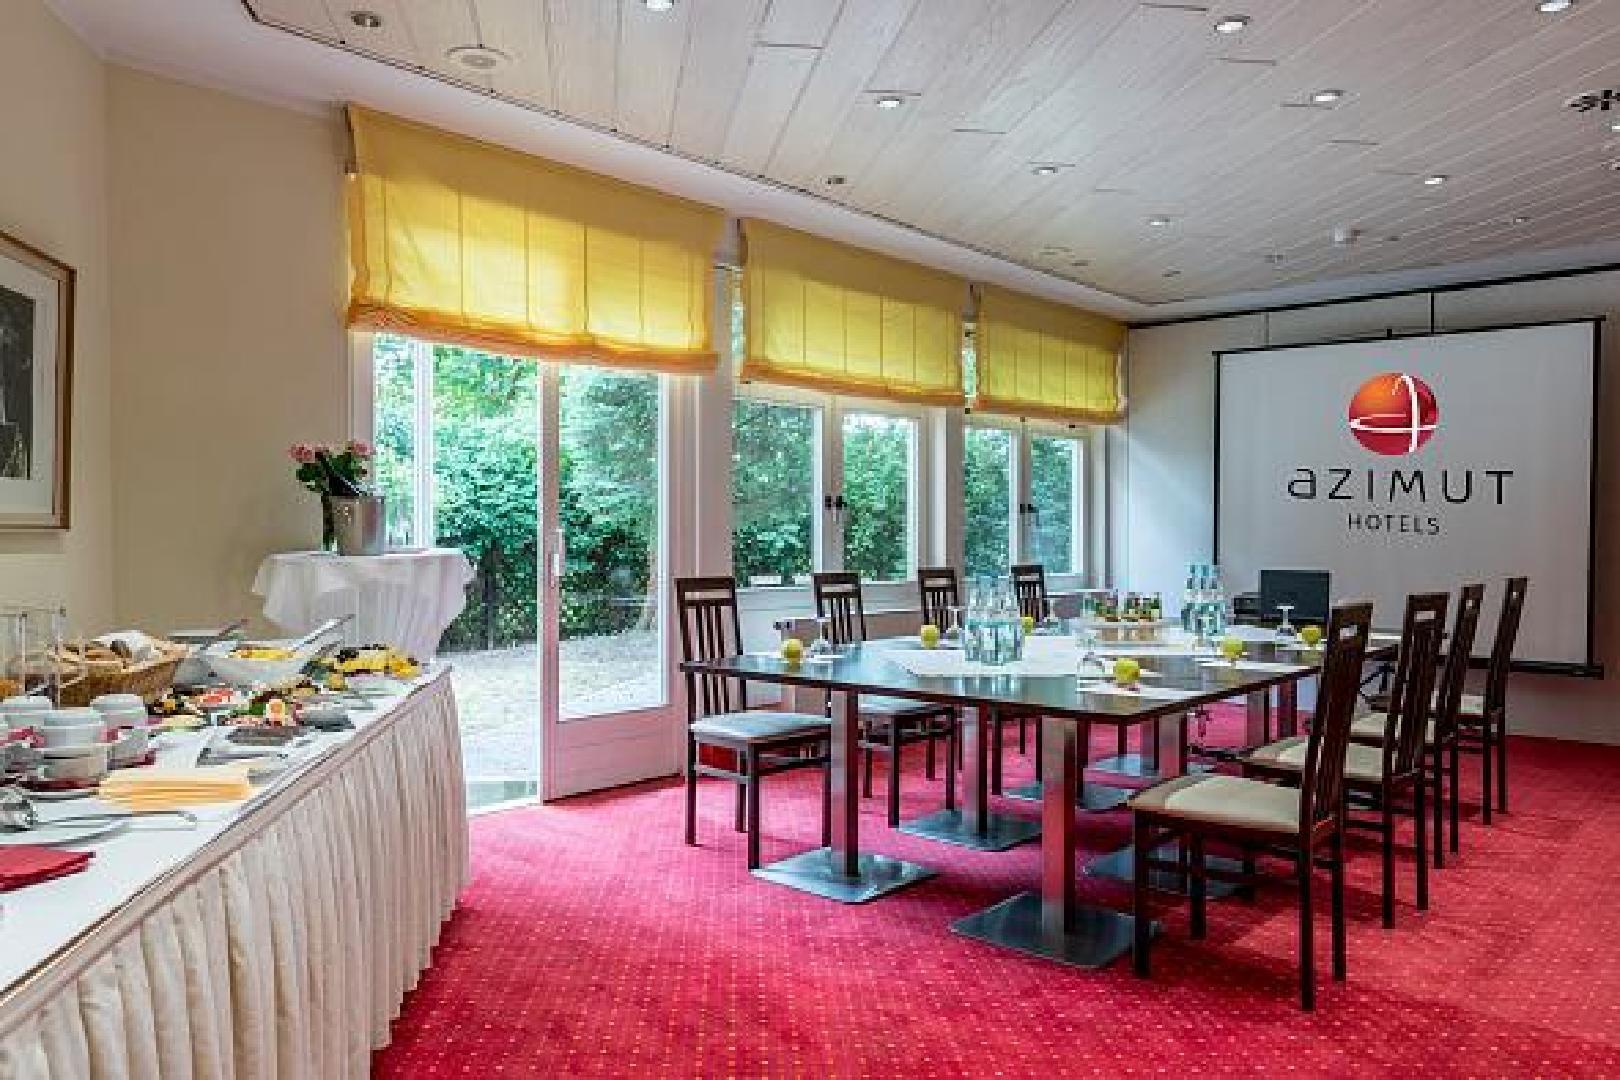 Bild 1 von 3 Tagungsräume in einem... im Azimut Dresden